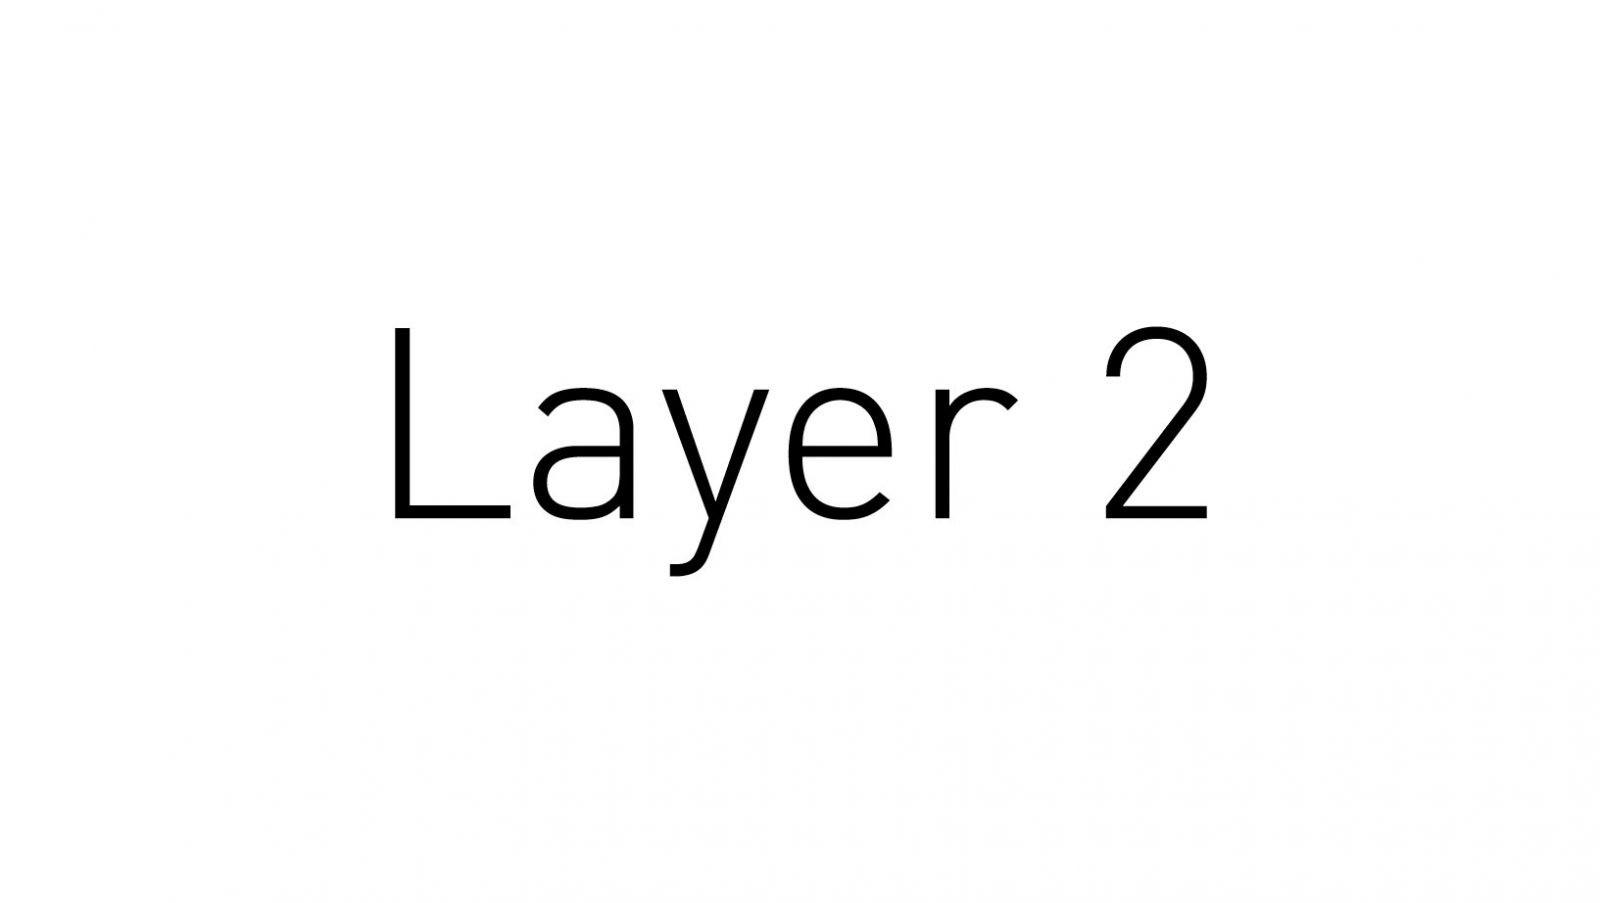 一文概覽加密貨幣 layer2 全生態解決方案